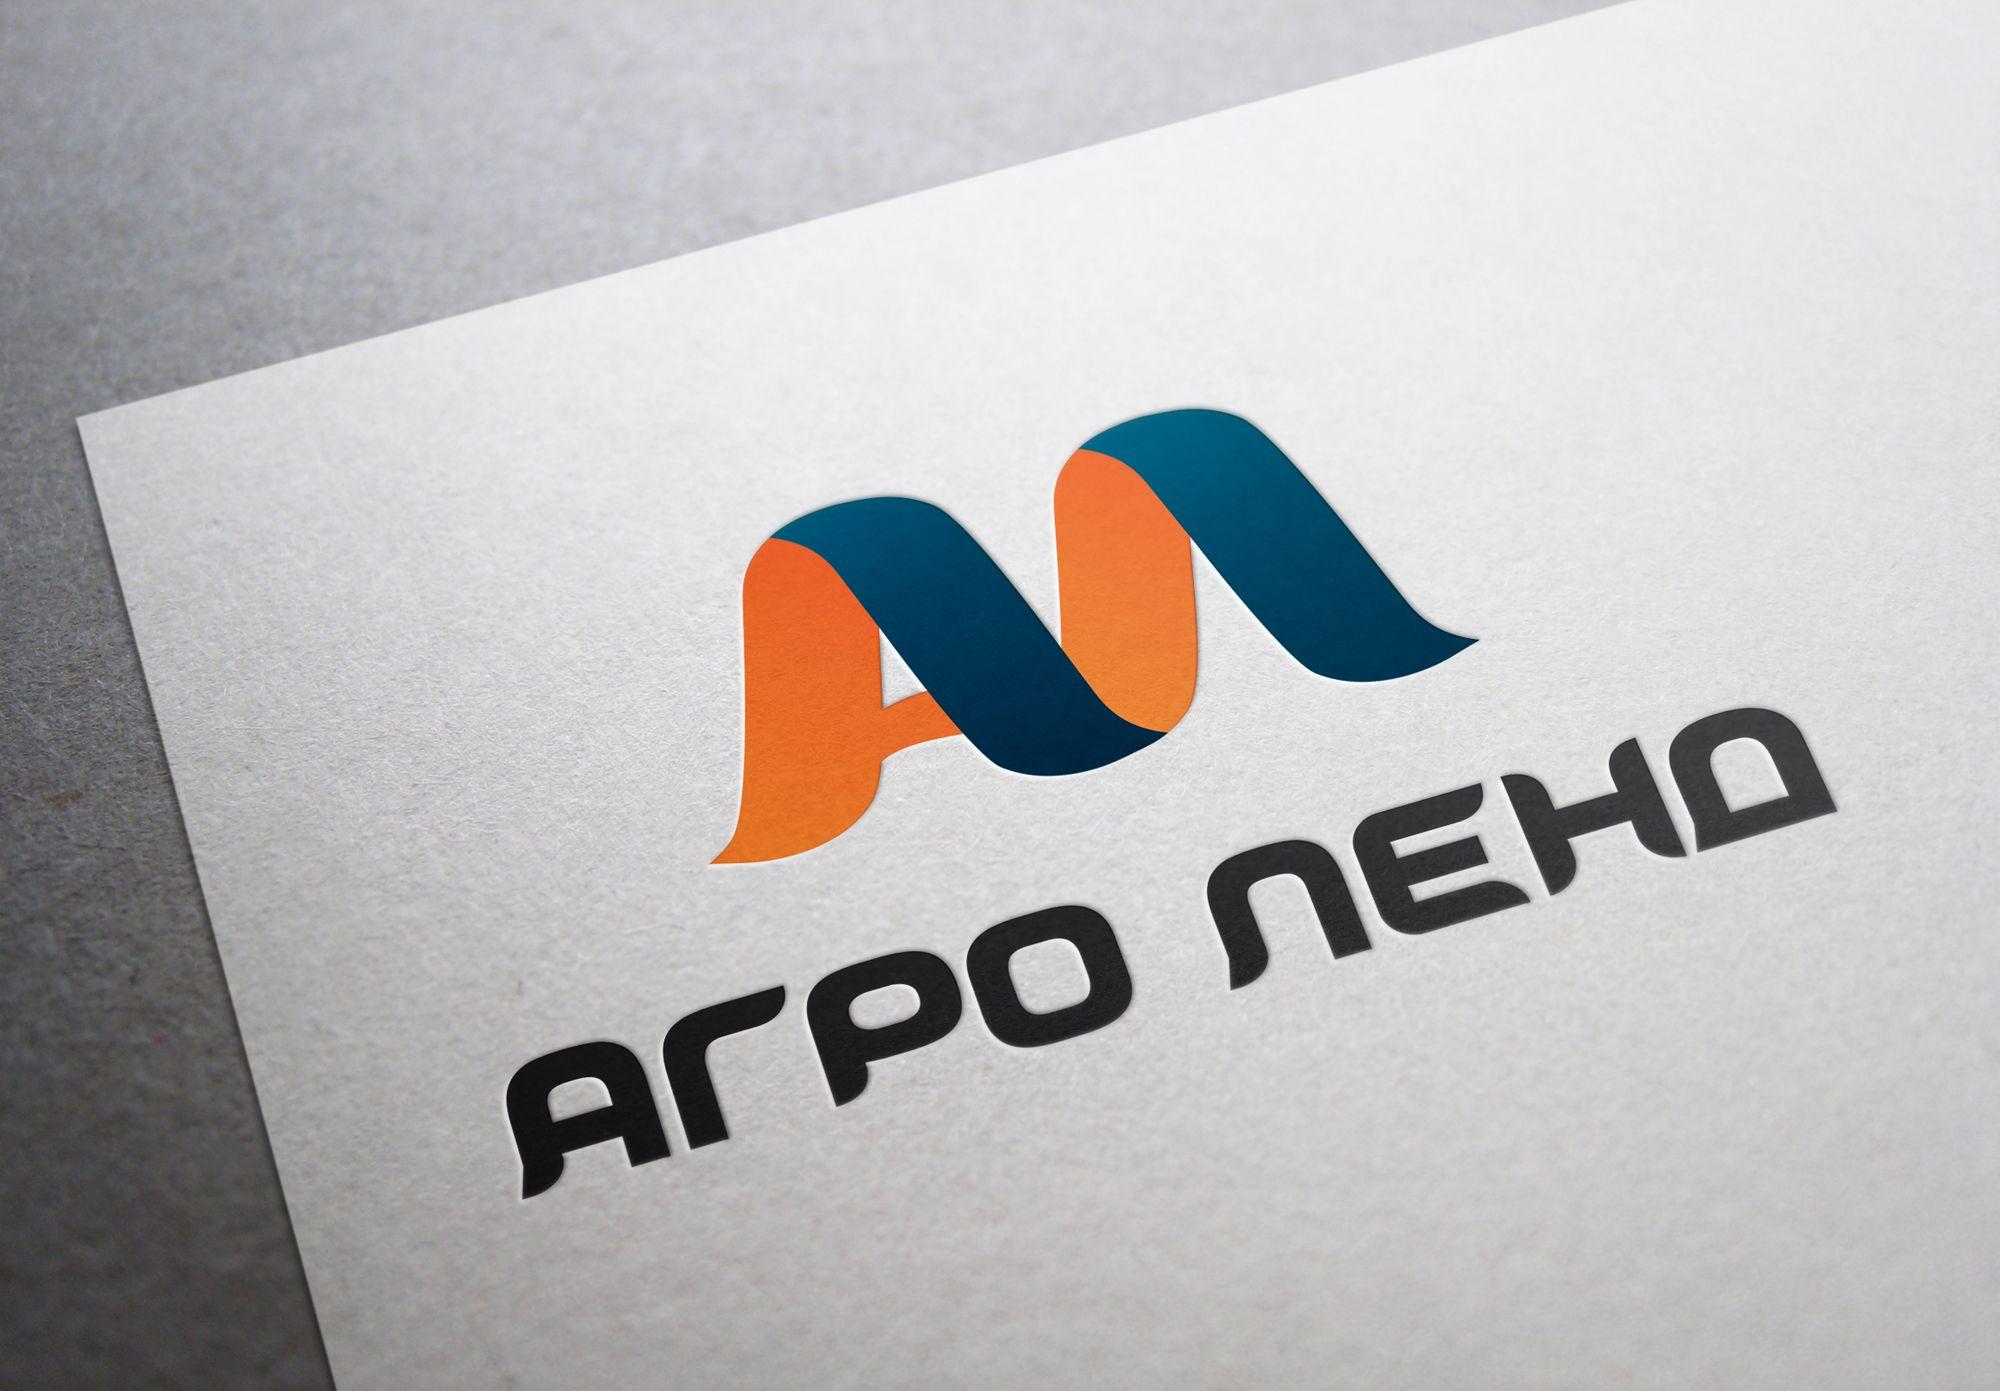 Логотип и фирменный стиль маслозавода. - дизайнер yaroslav-s